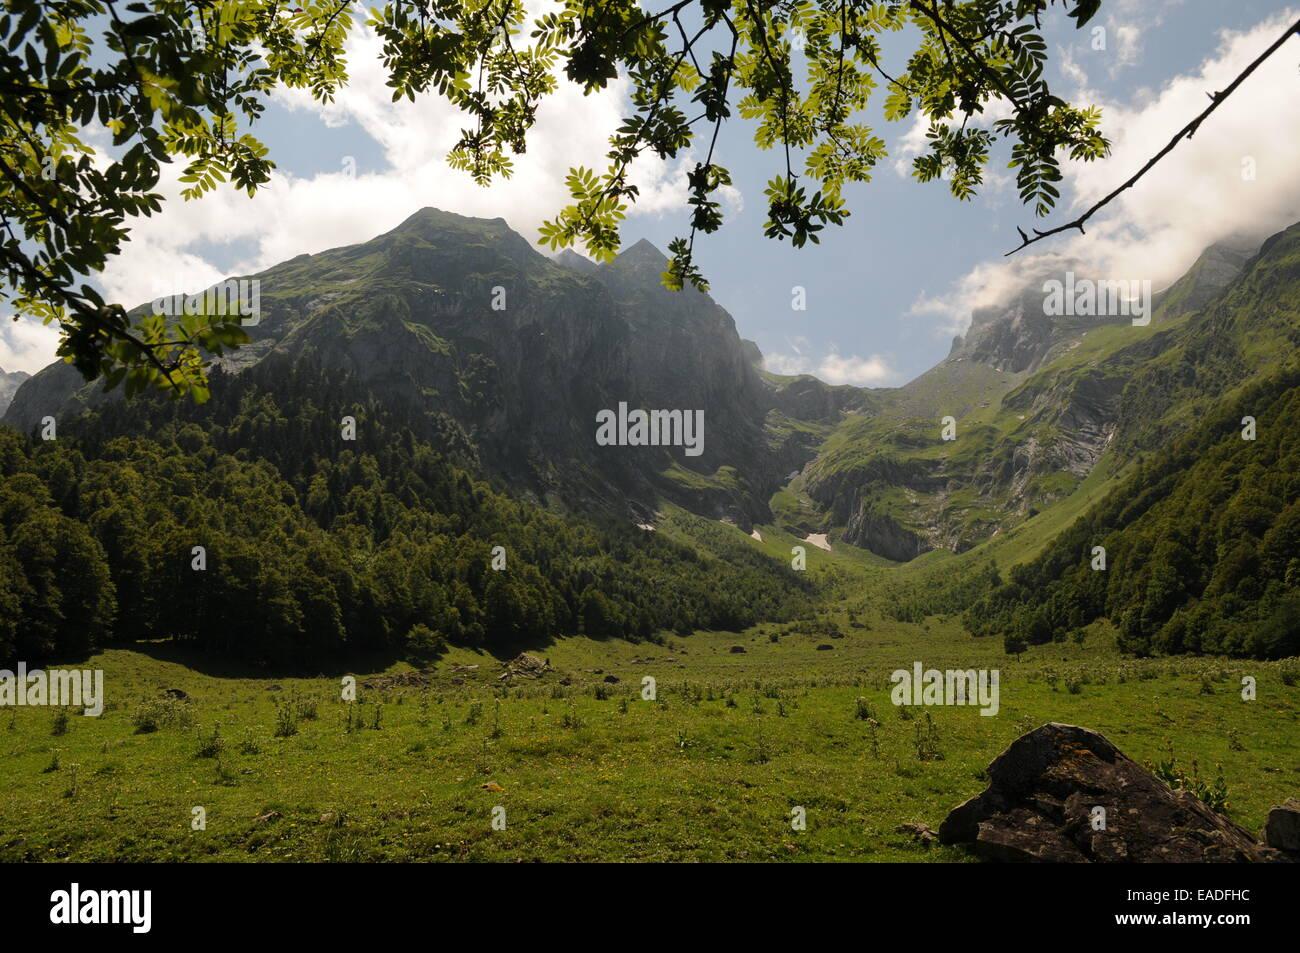 Artiga de Lin. Paisaje montañoso del valle de Arán en el pirineo catalán, España. - Stock Image